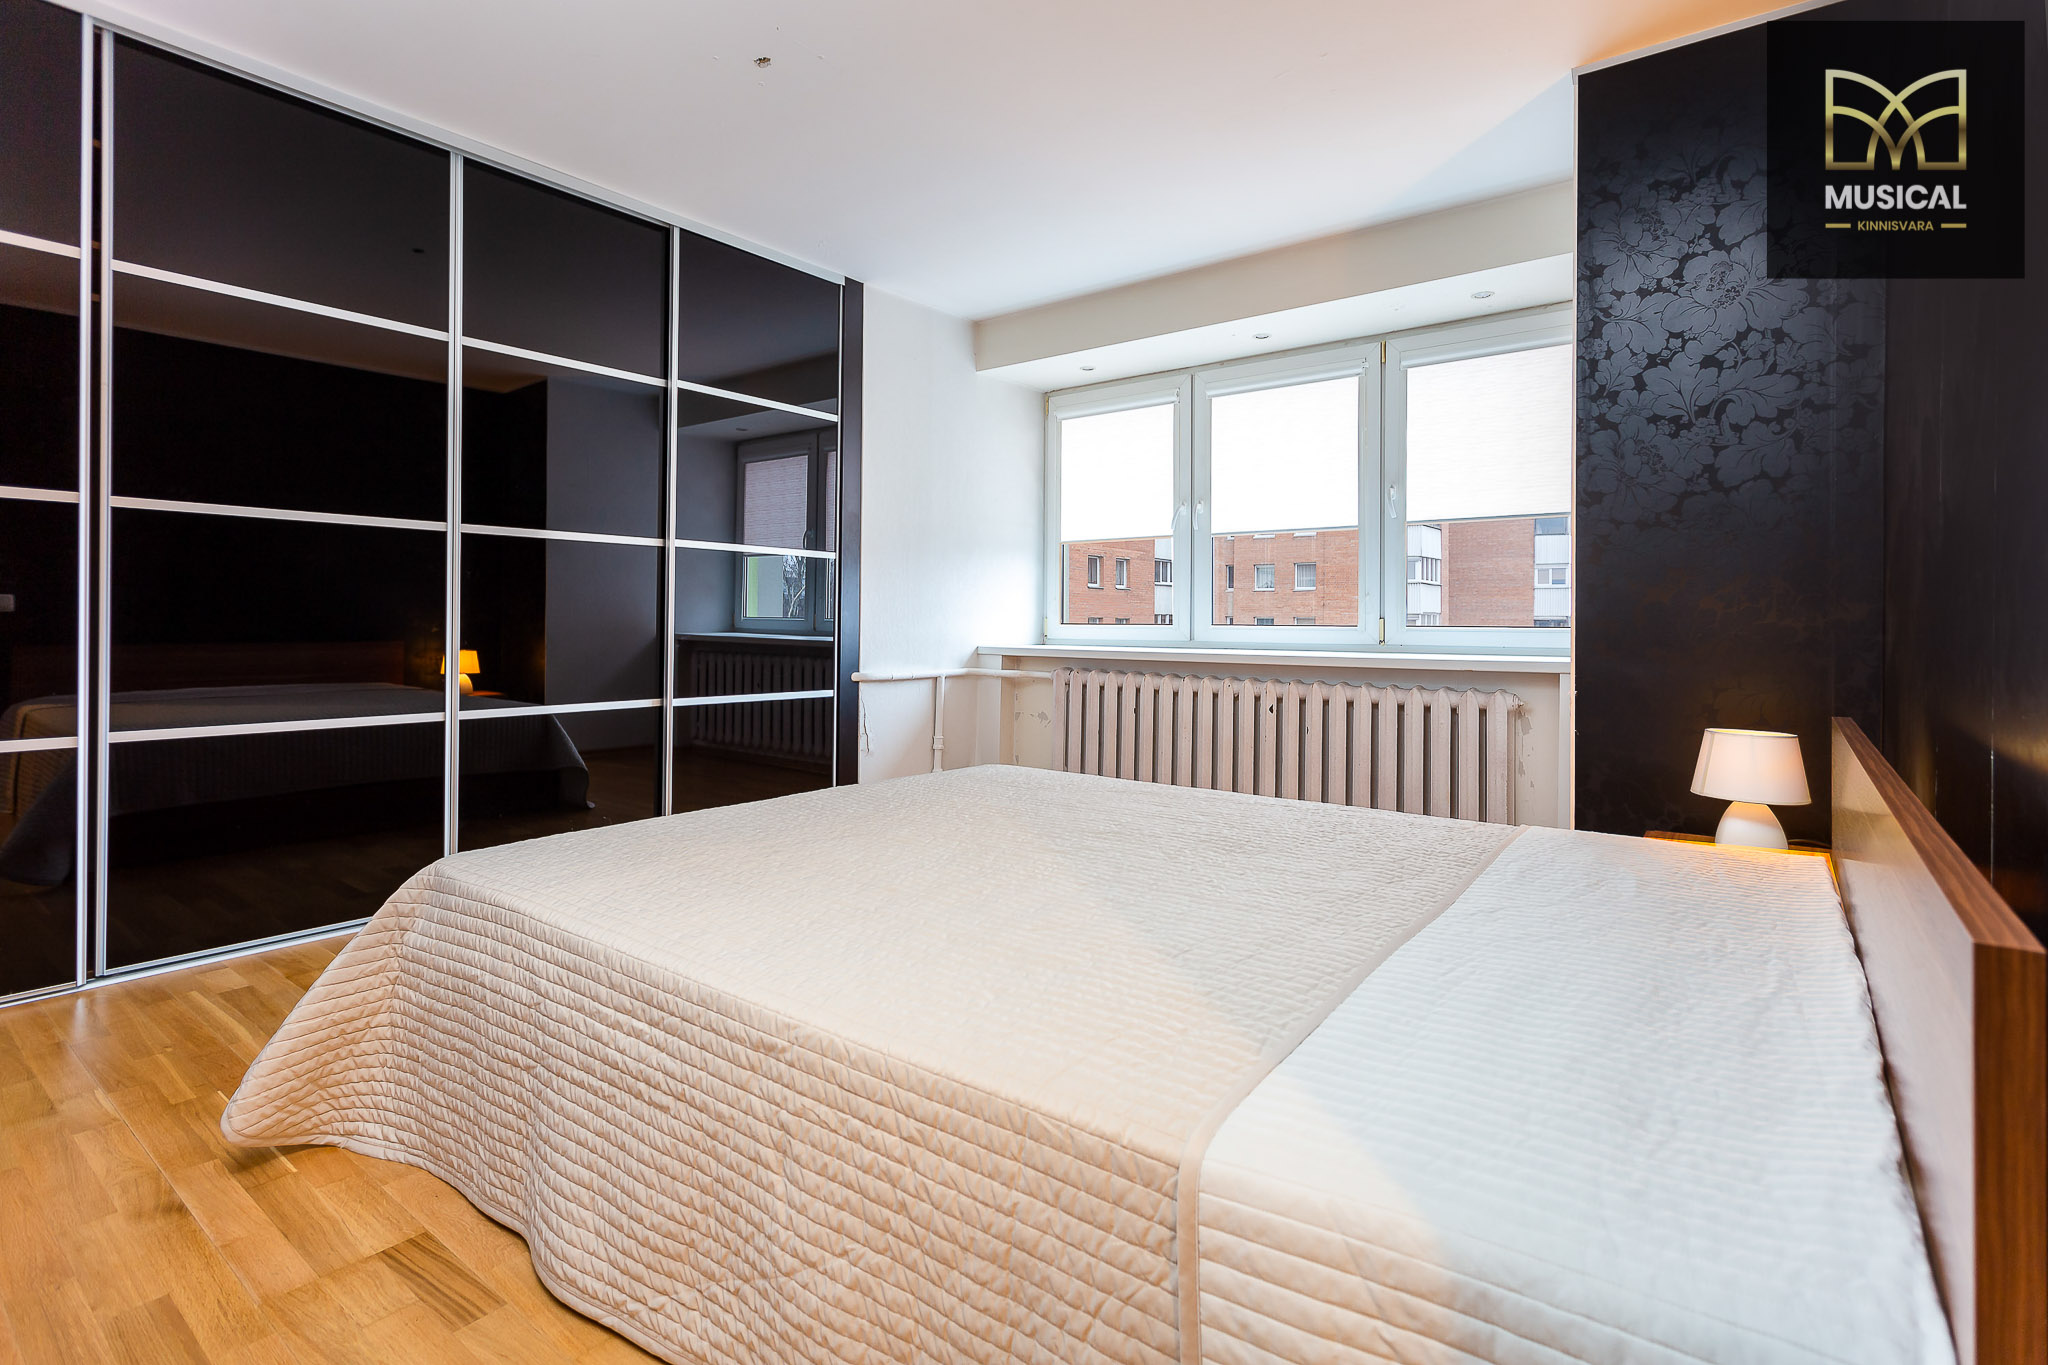 Mustamäel üürida 2-toaline korter